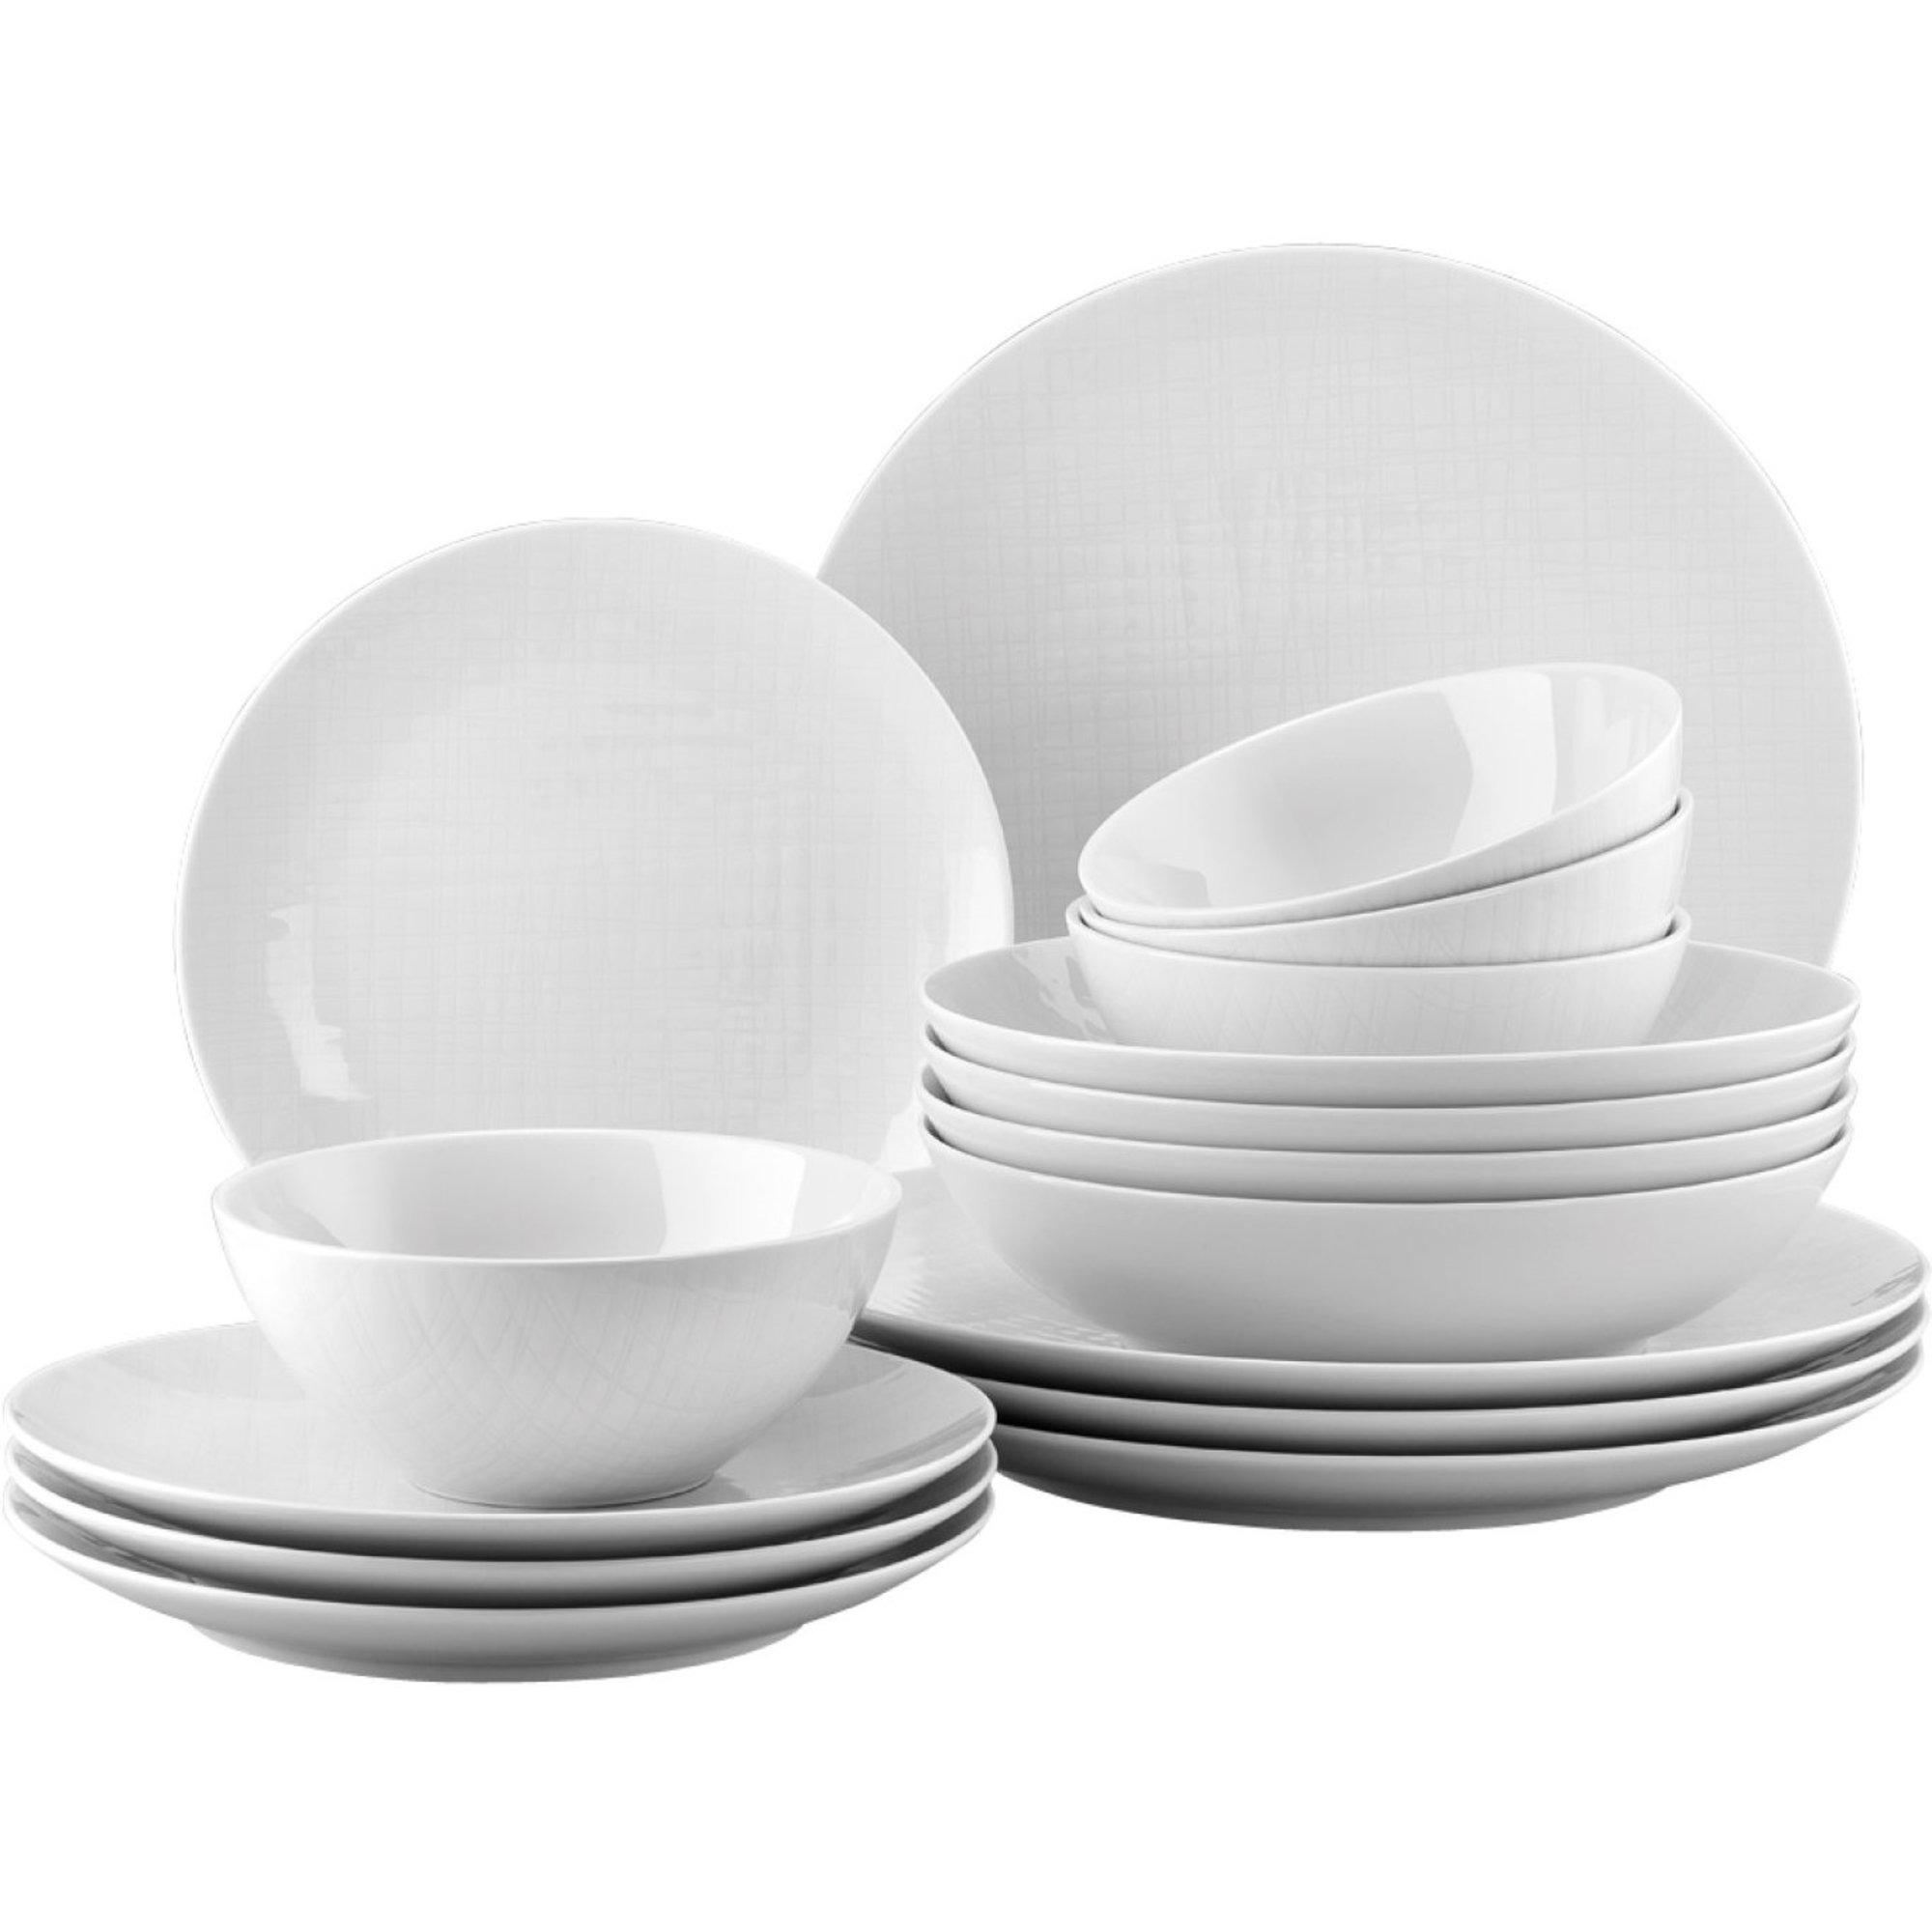 Rosenthal Mesh Vit 16 delar Middagsset med Frukostskålar